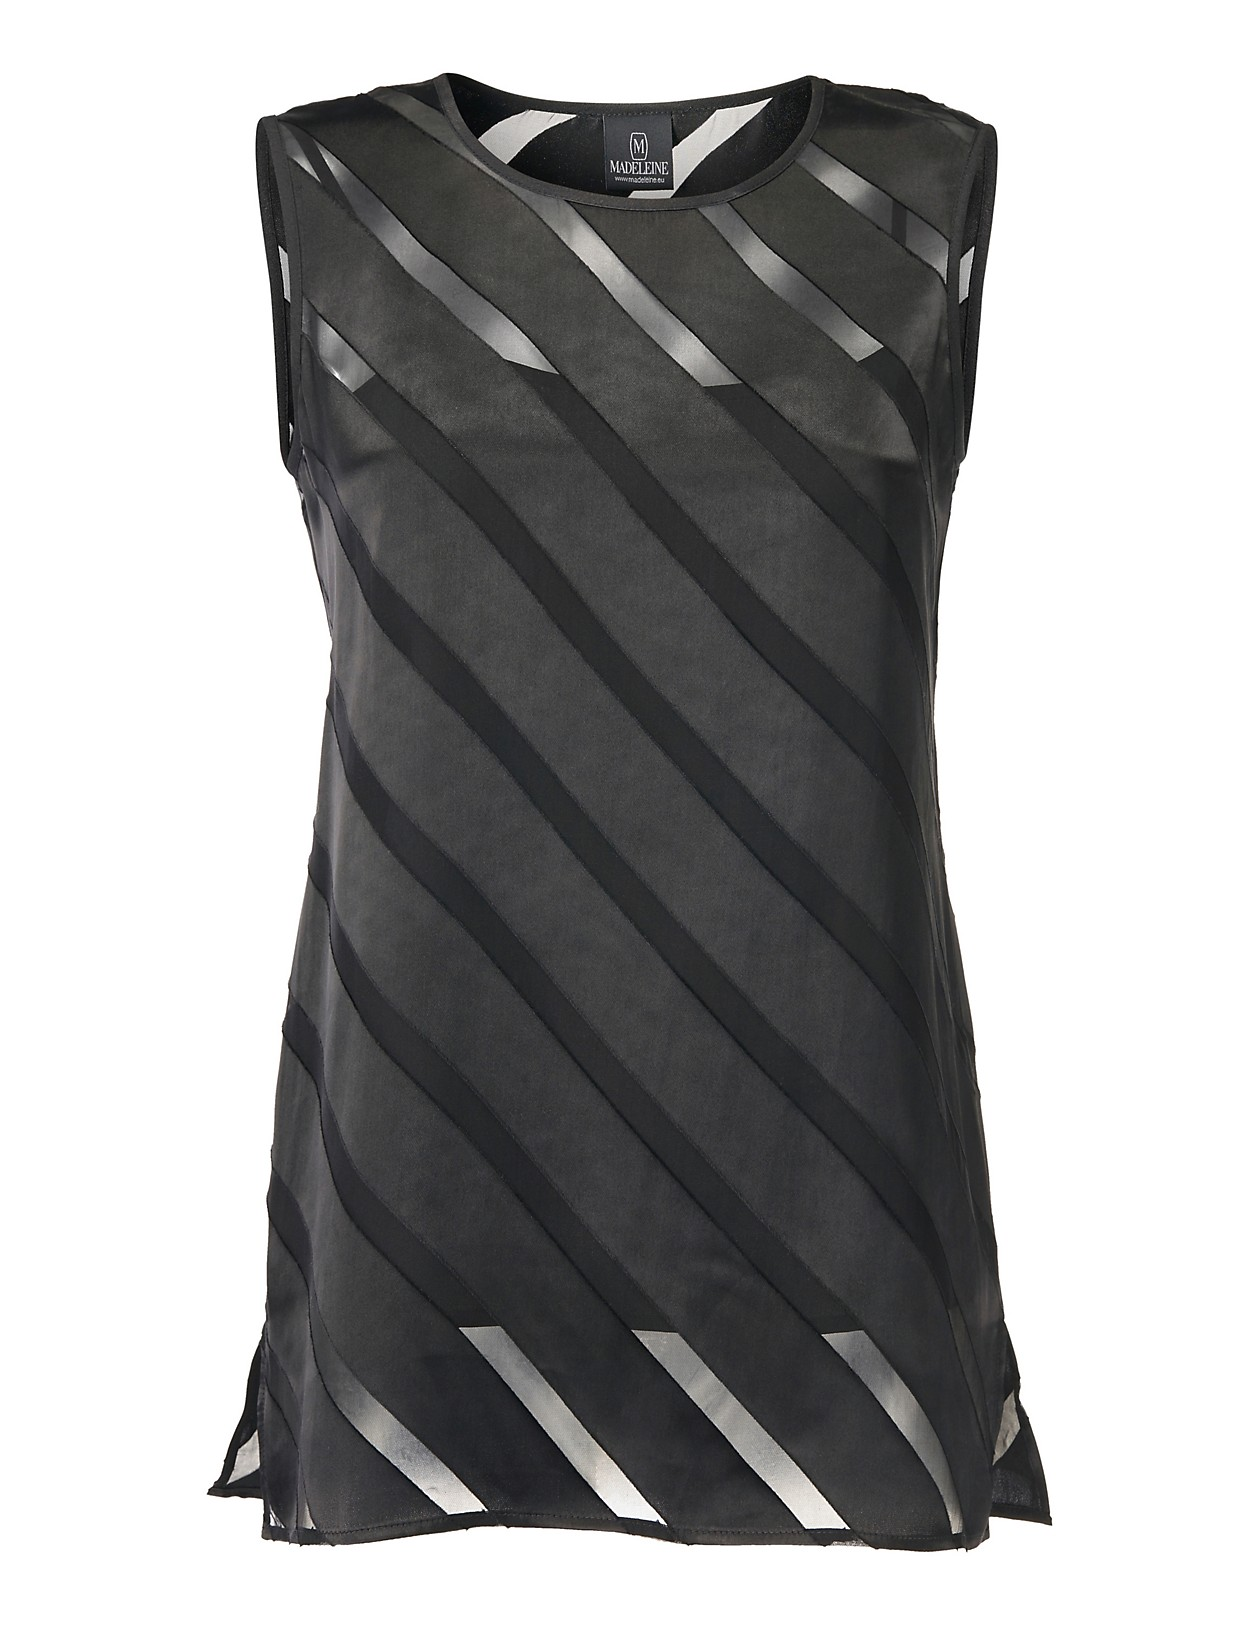 quality design b56c2 8751f Ärmellose Bluse mit Ausbrenner-Muster, schwarz, schwarz ...